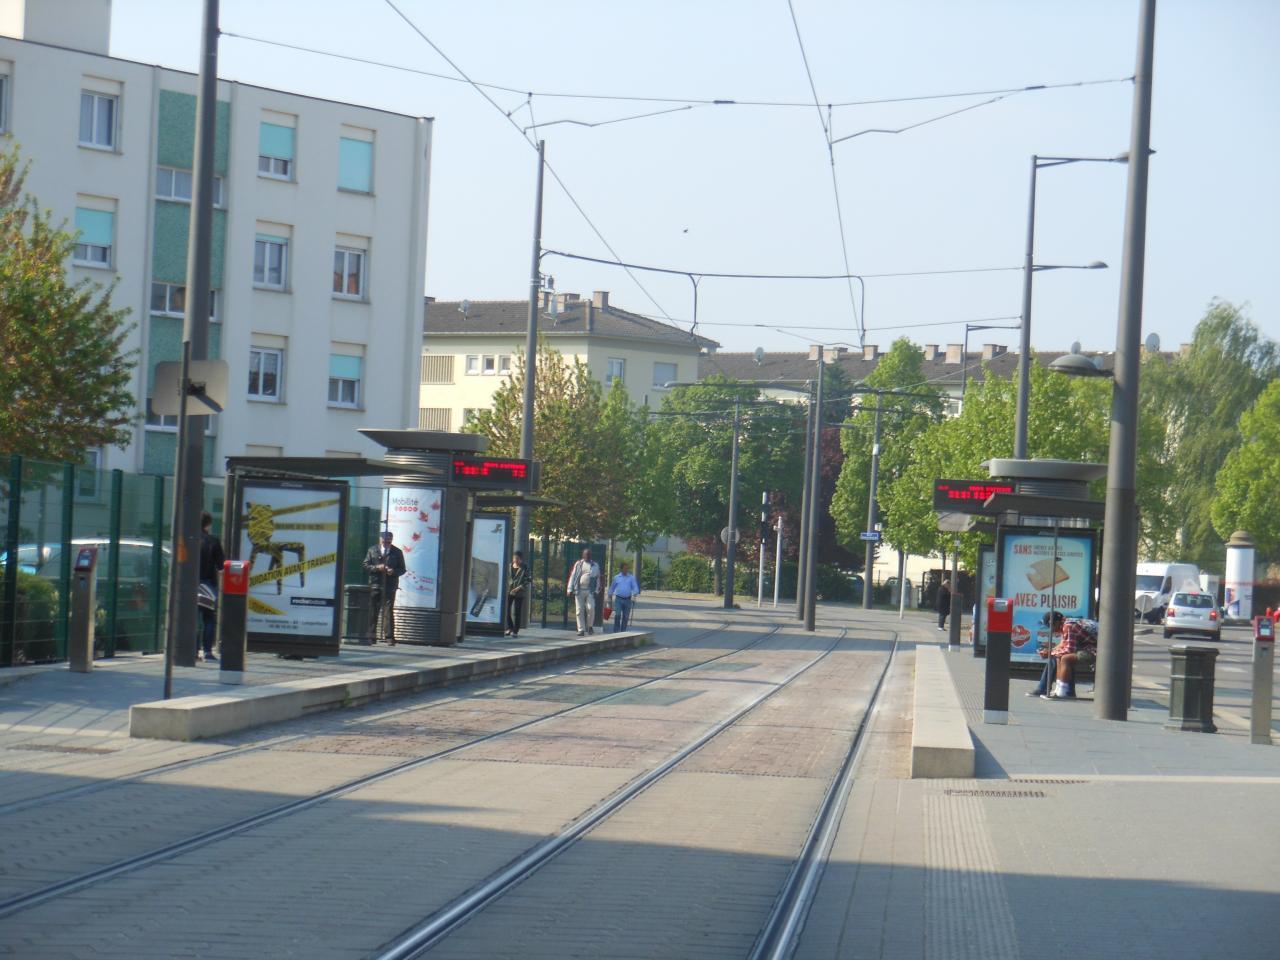 Station tram Elmerforst